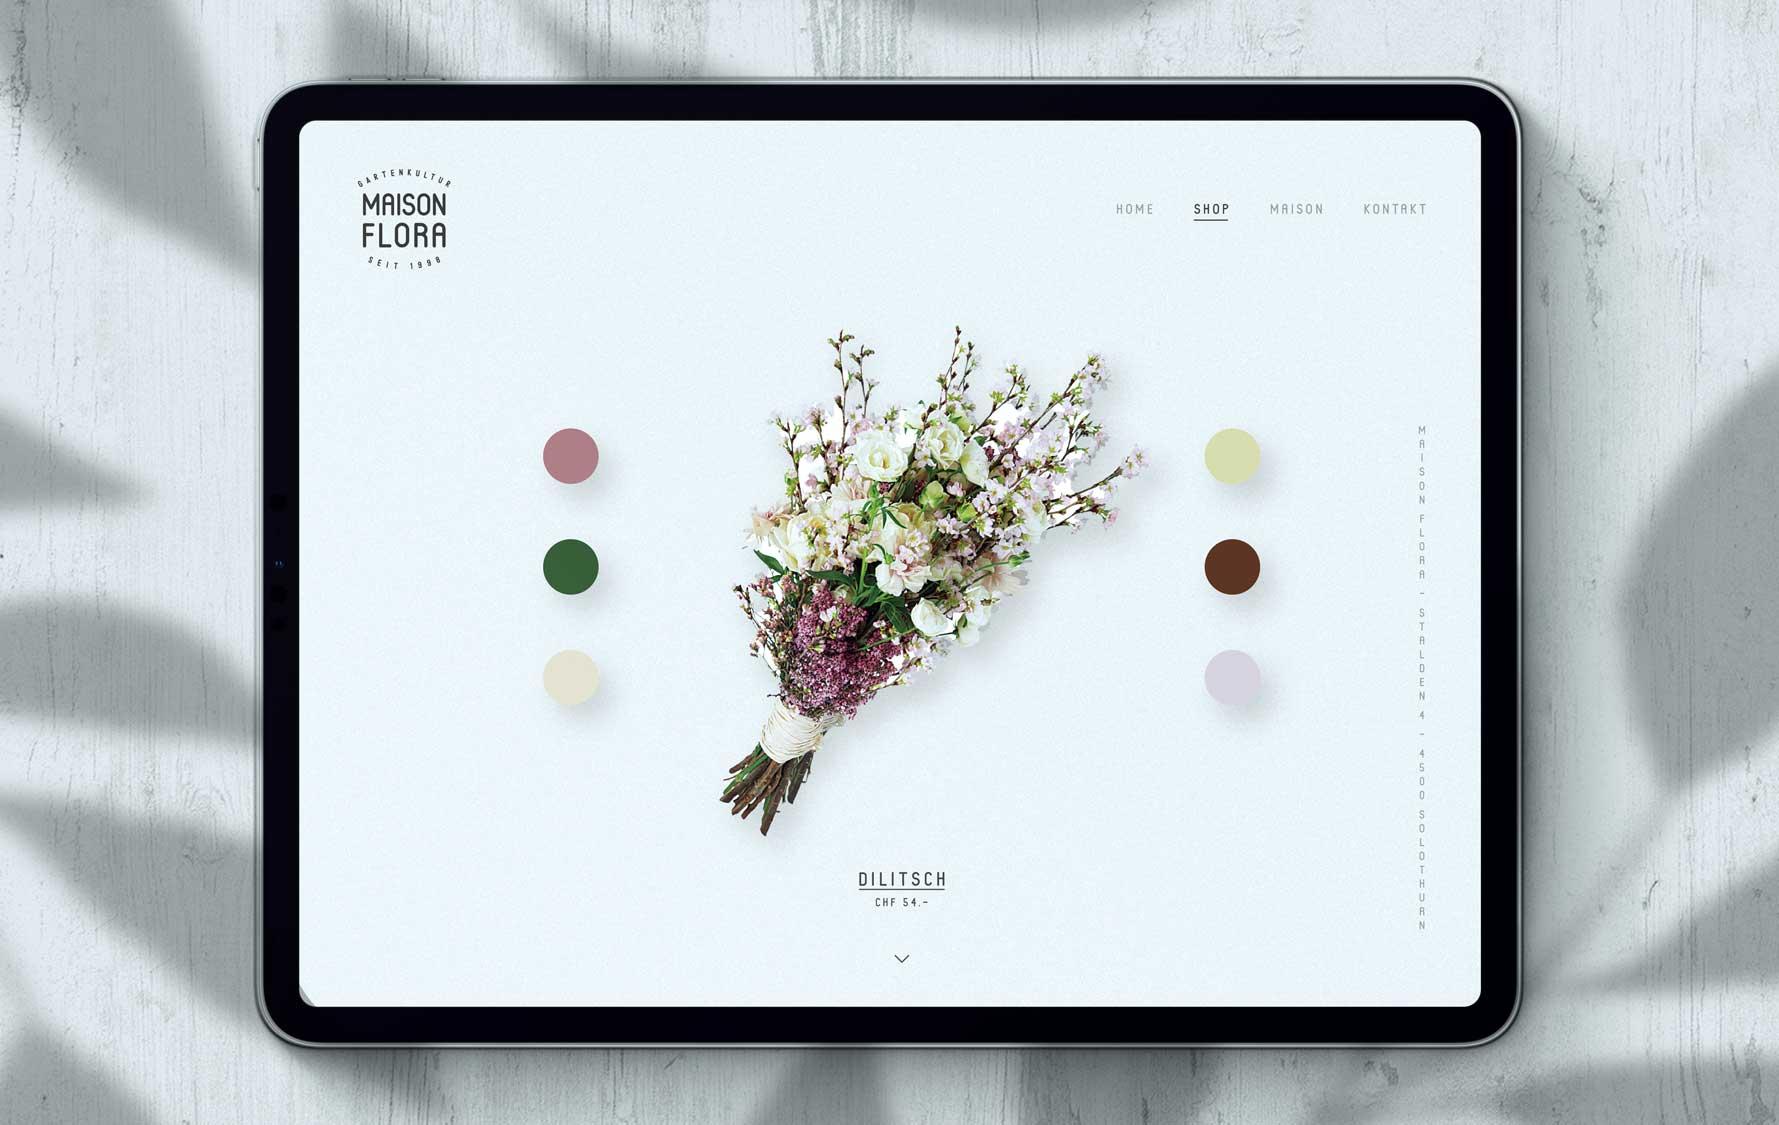 Onlineshop und Webdesign für Florist Geschäft aus Bern